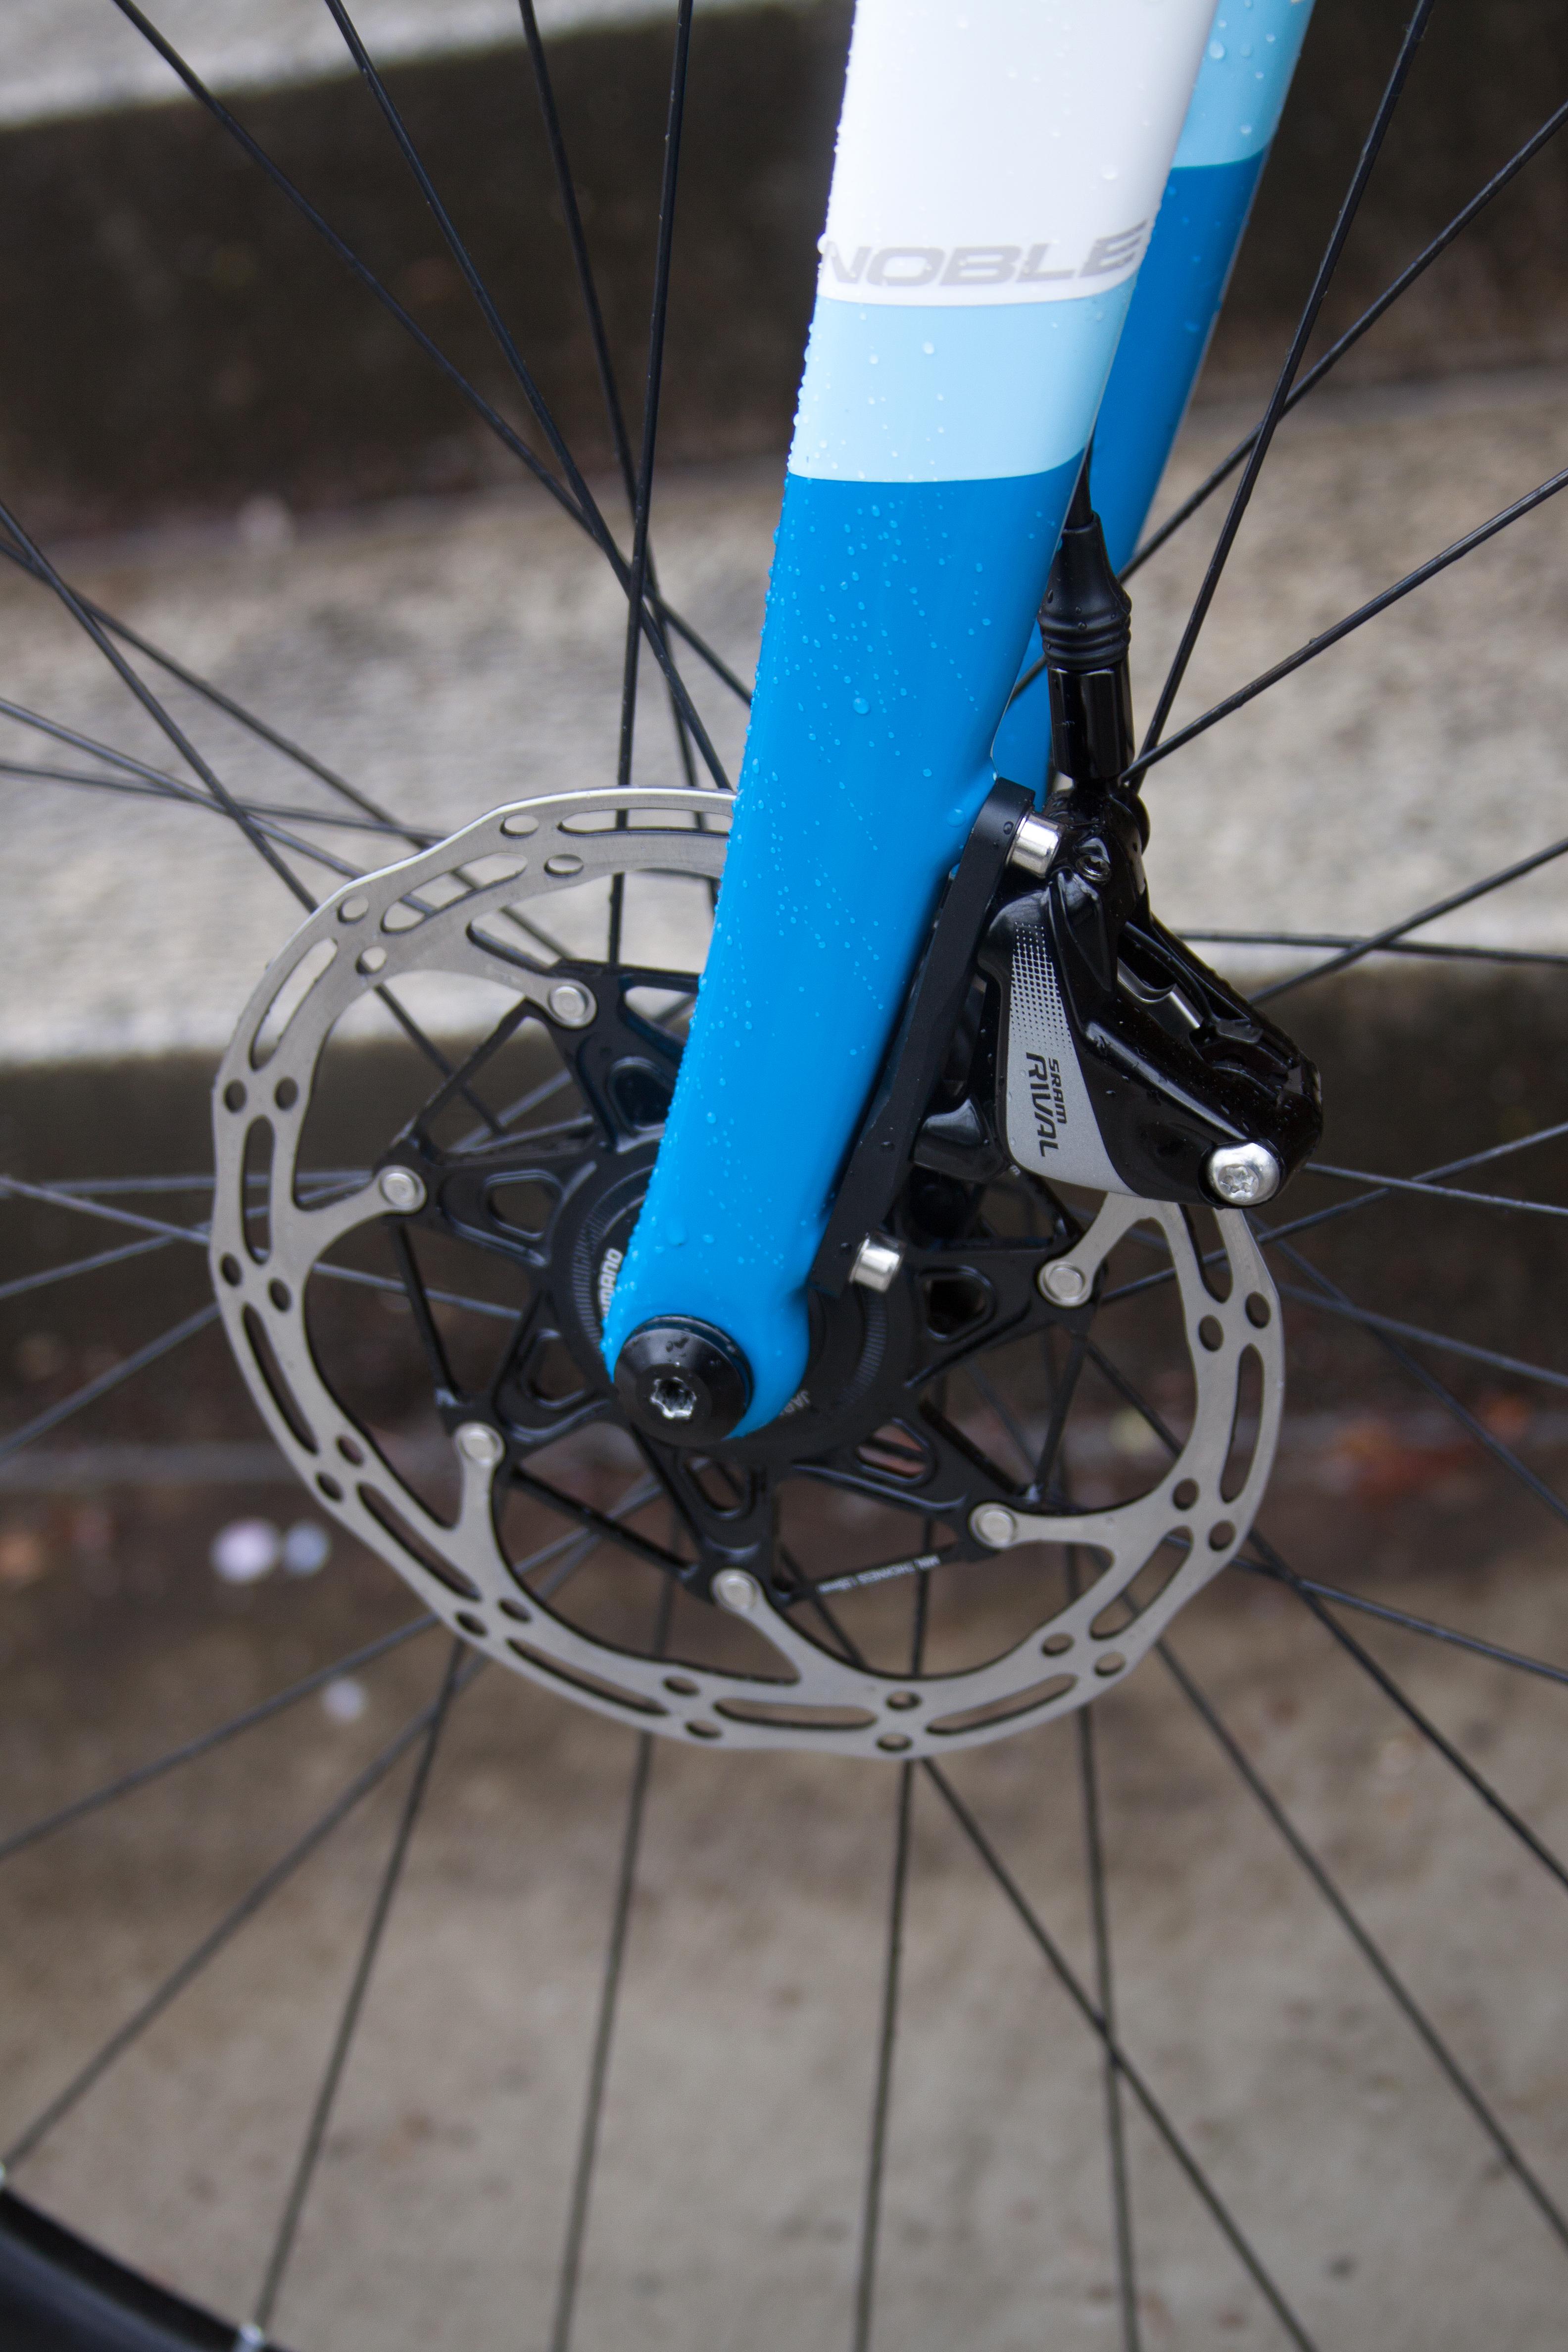 CX3 front brake